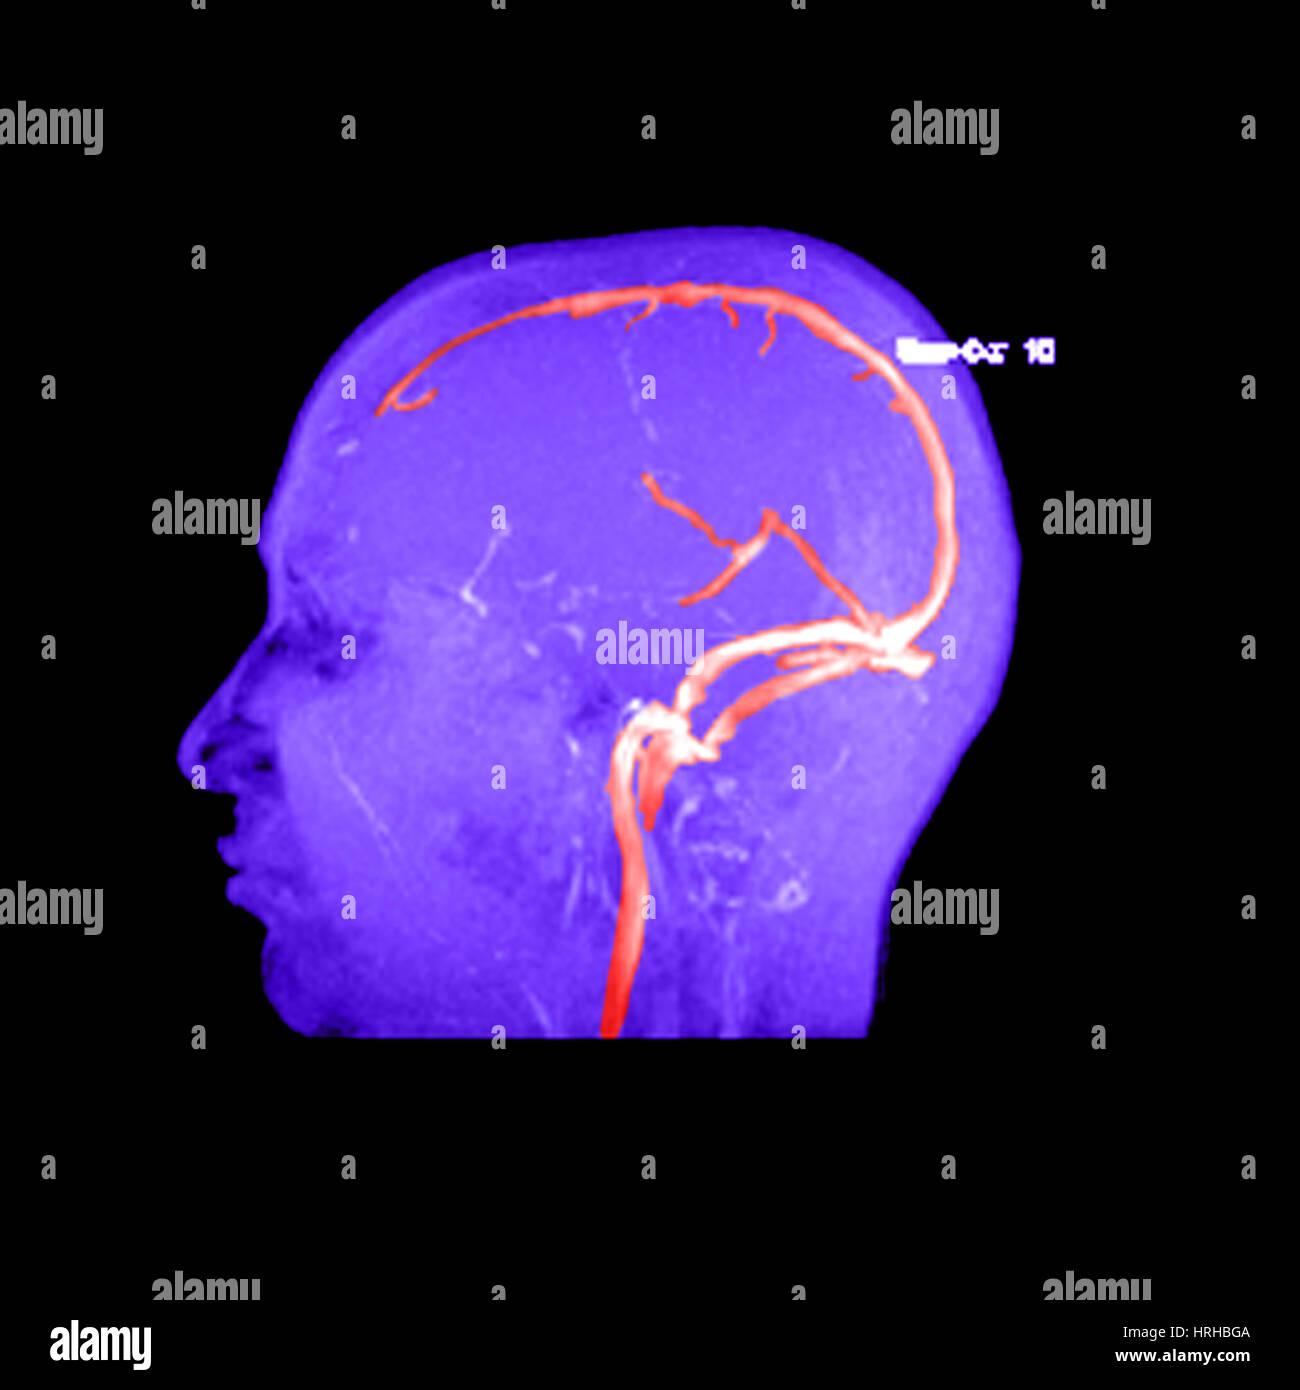 Normal Cerebral Veins Imágenes De Stock & Normal Cerebral Veins ...